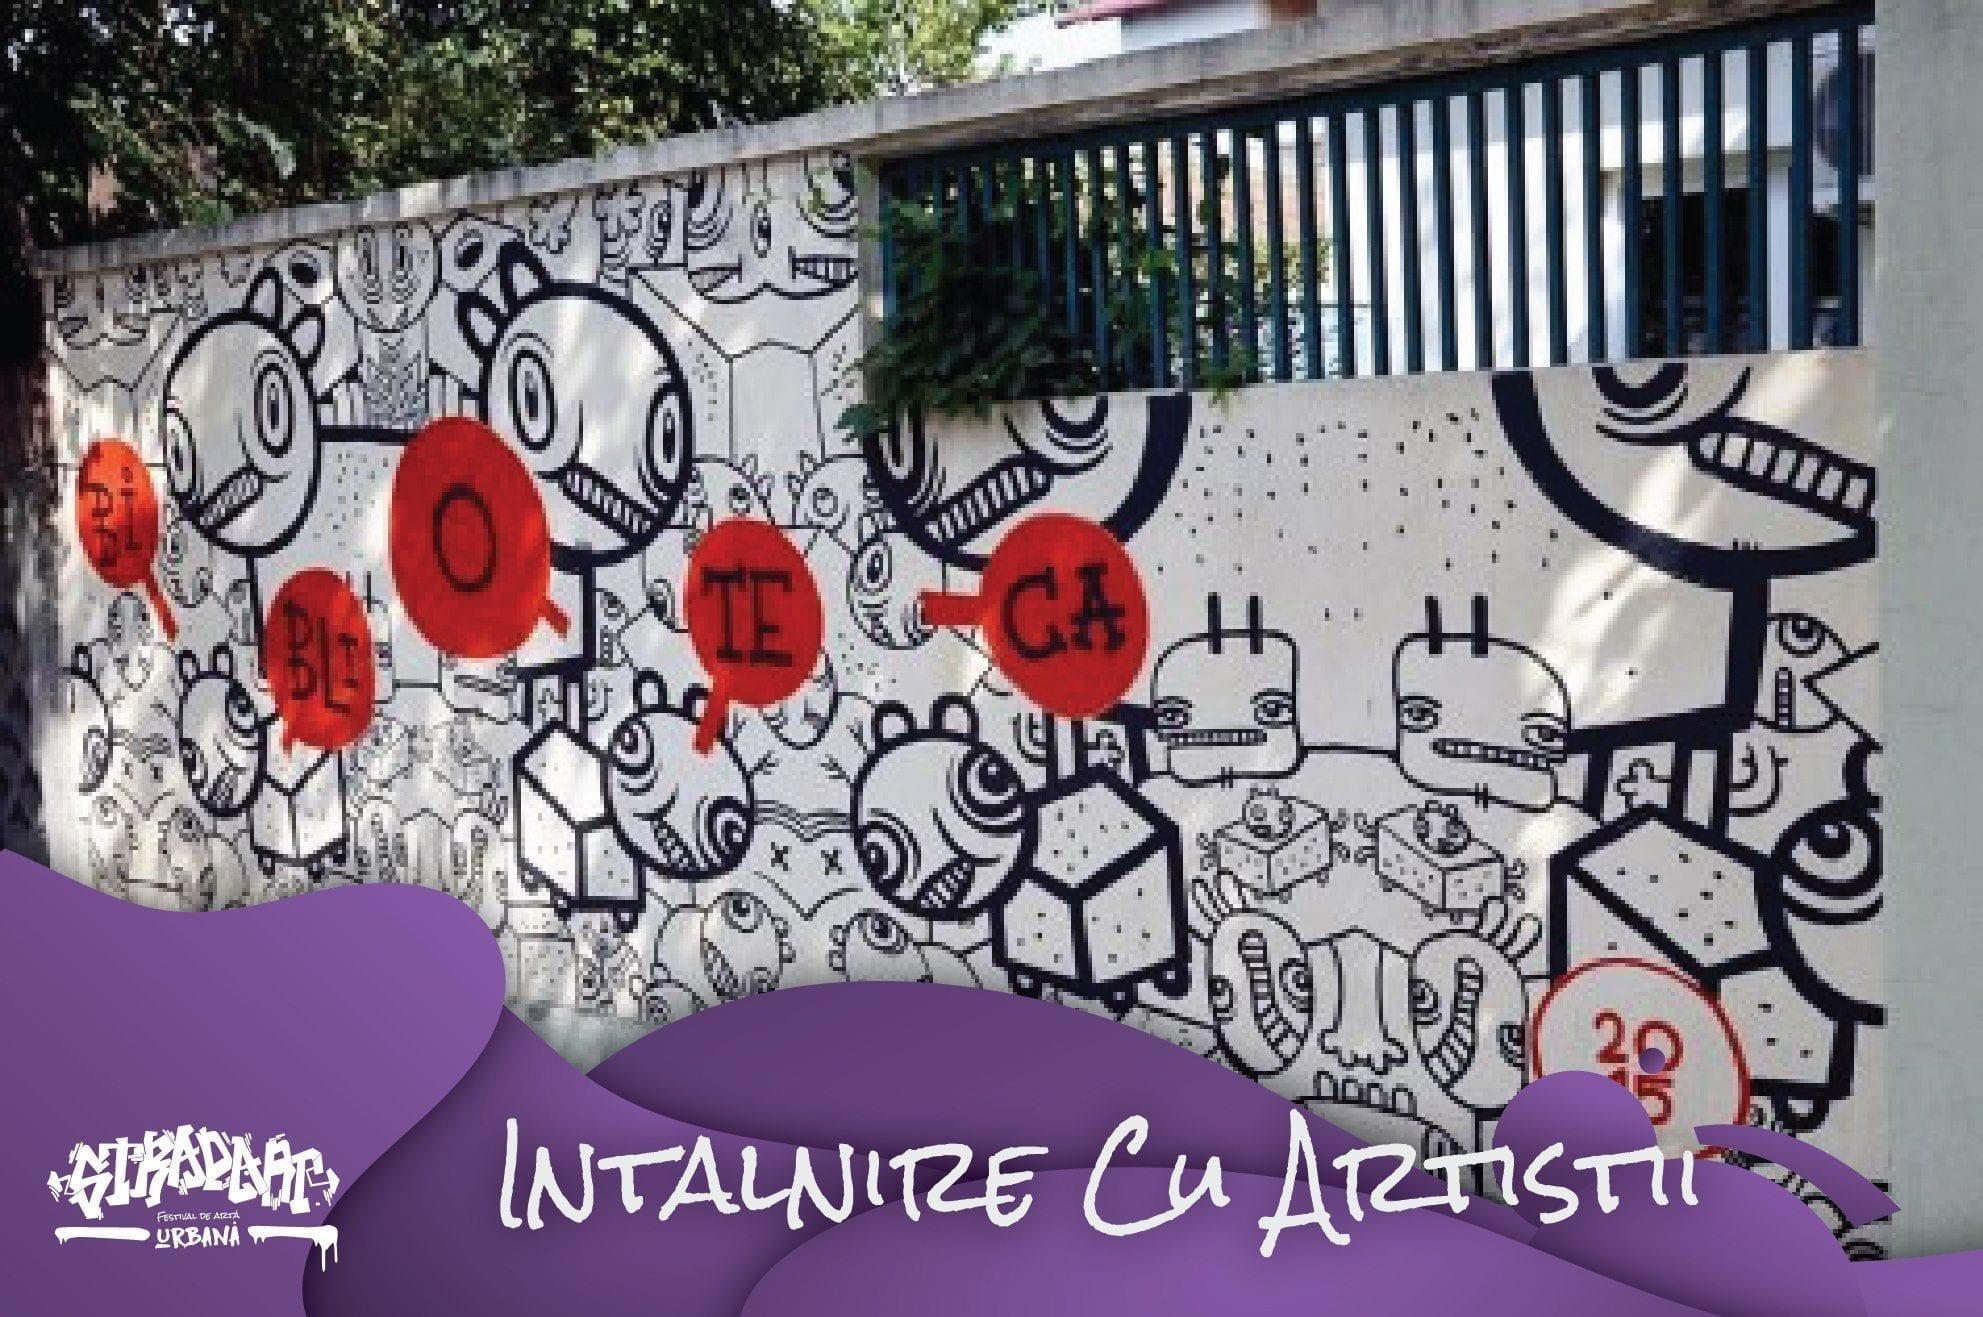 Strad'Art_Întalnire_cu_artiştii